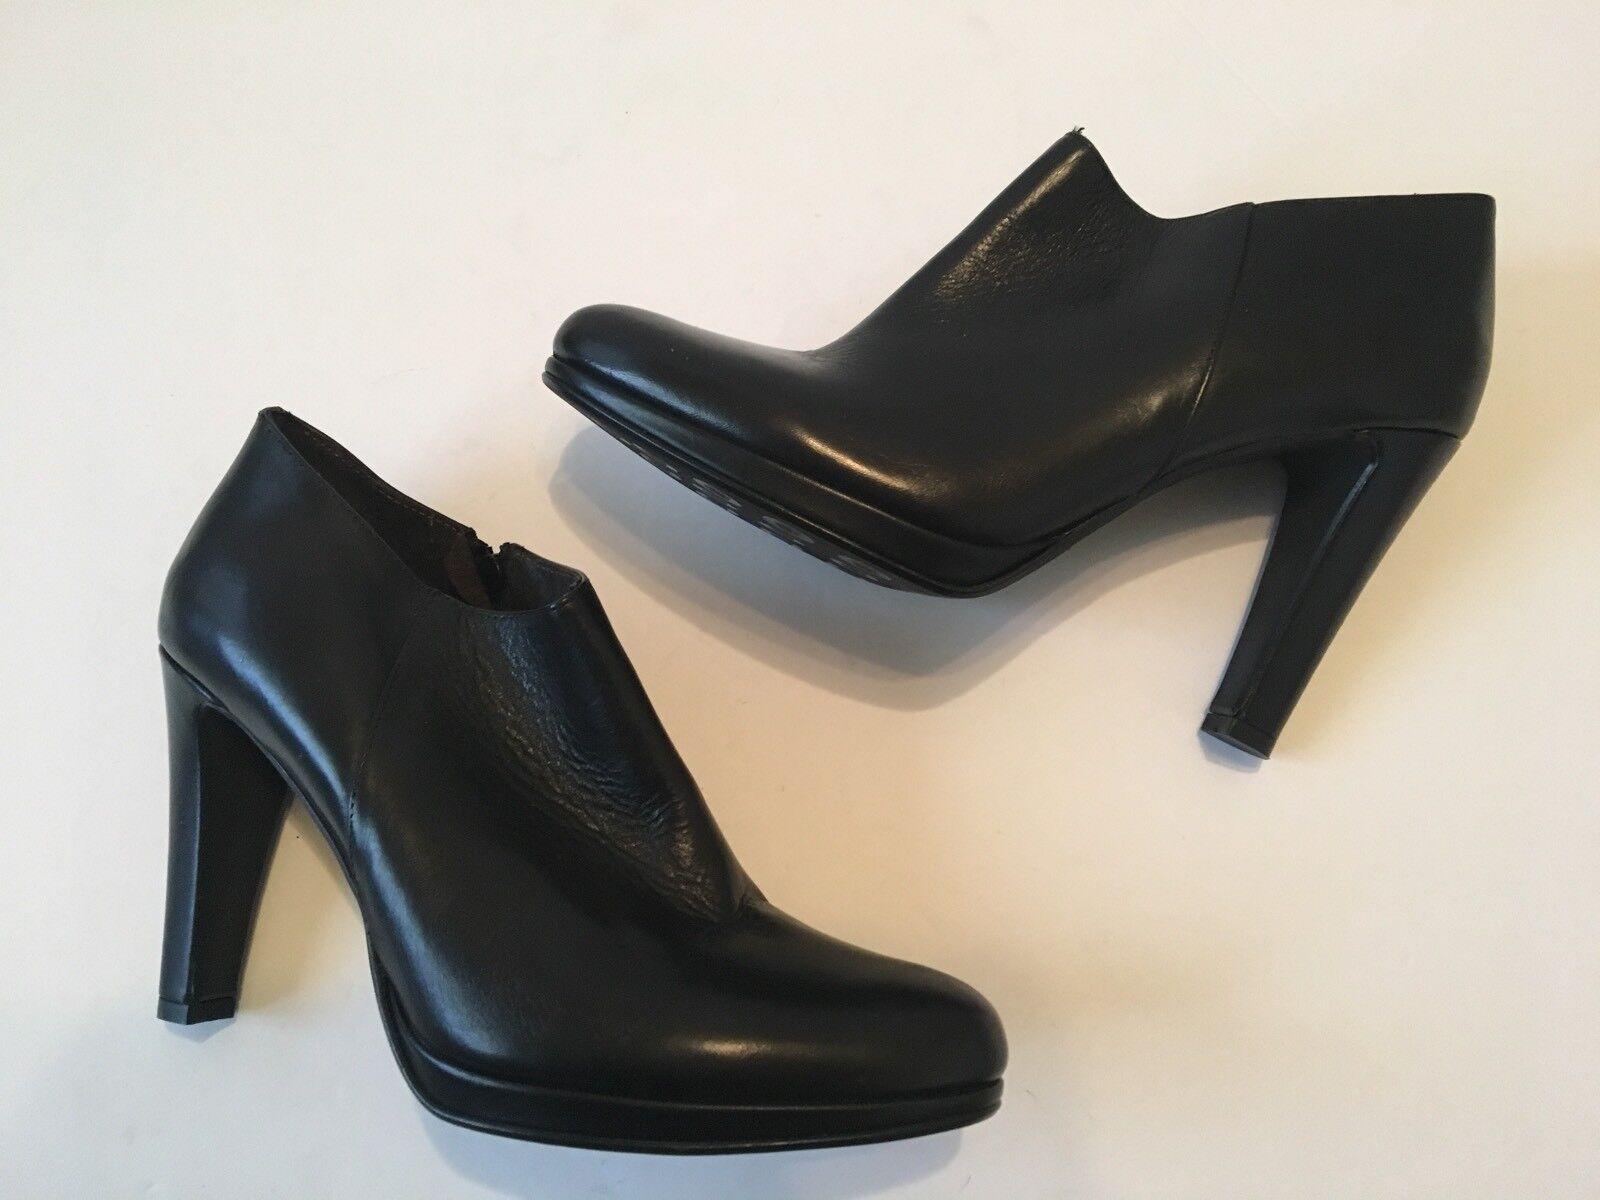 Sesto Meucci Meucci Meucci Negro Cuero Cremallera botas al tobillo con suela de plataforma SZ10 Hecho en Italia  ventas en linea